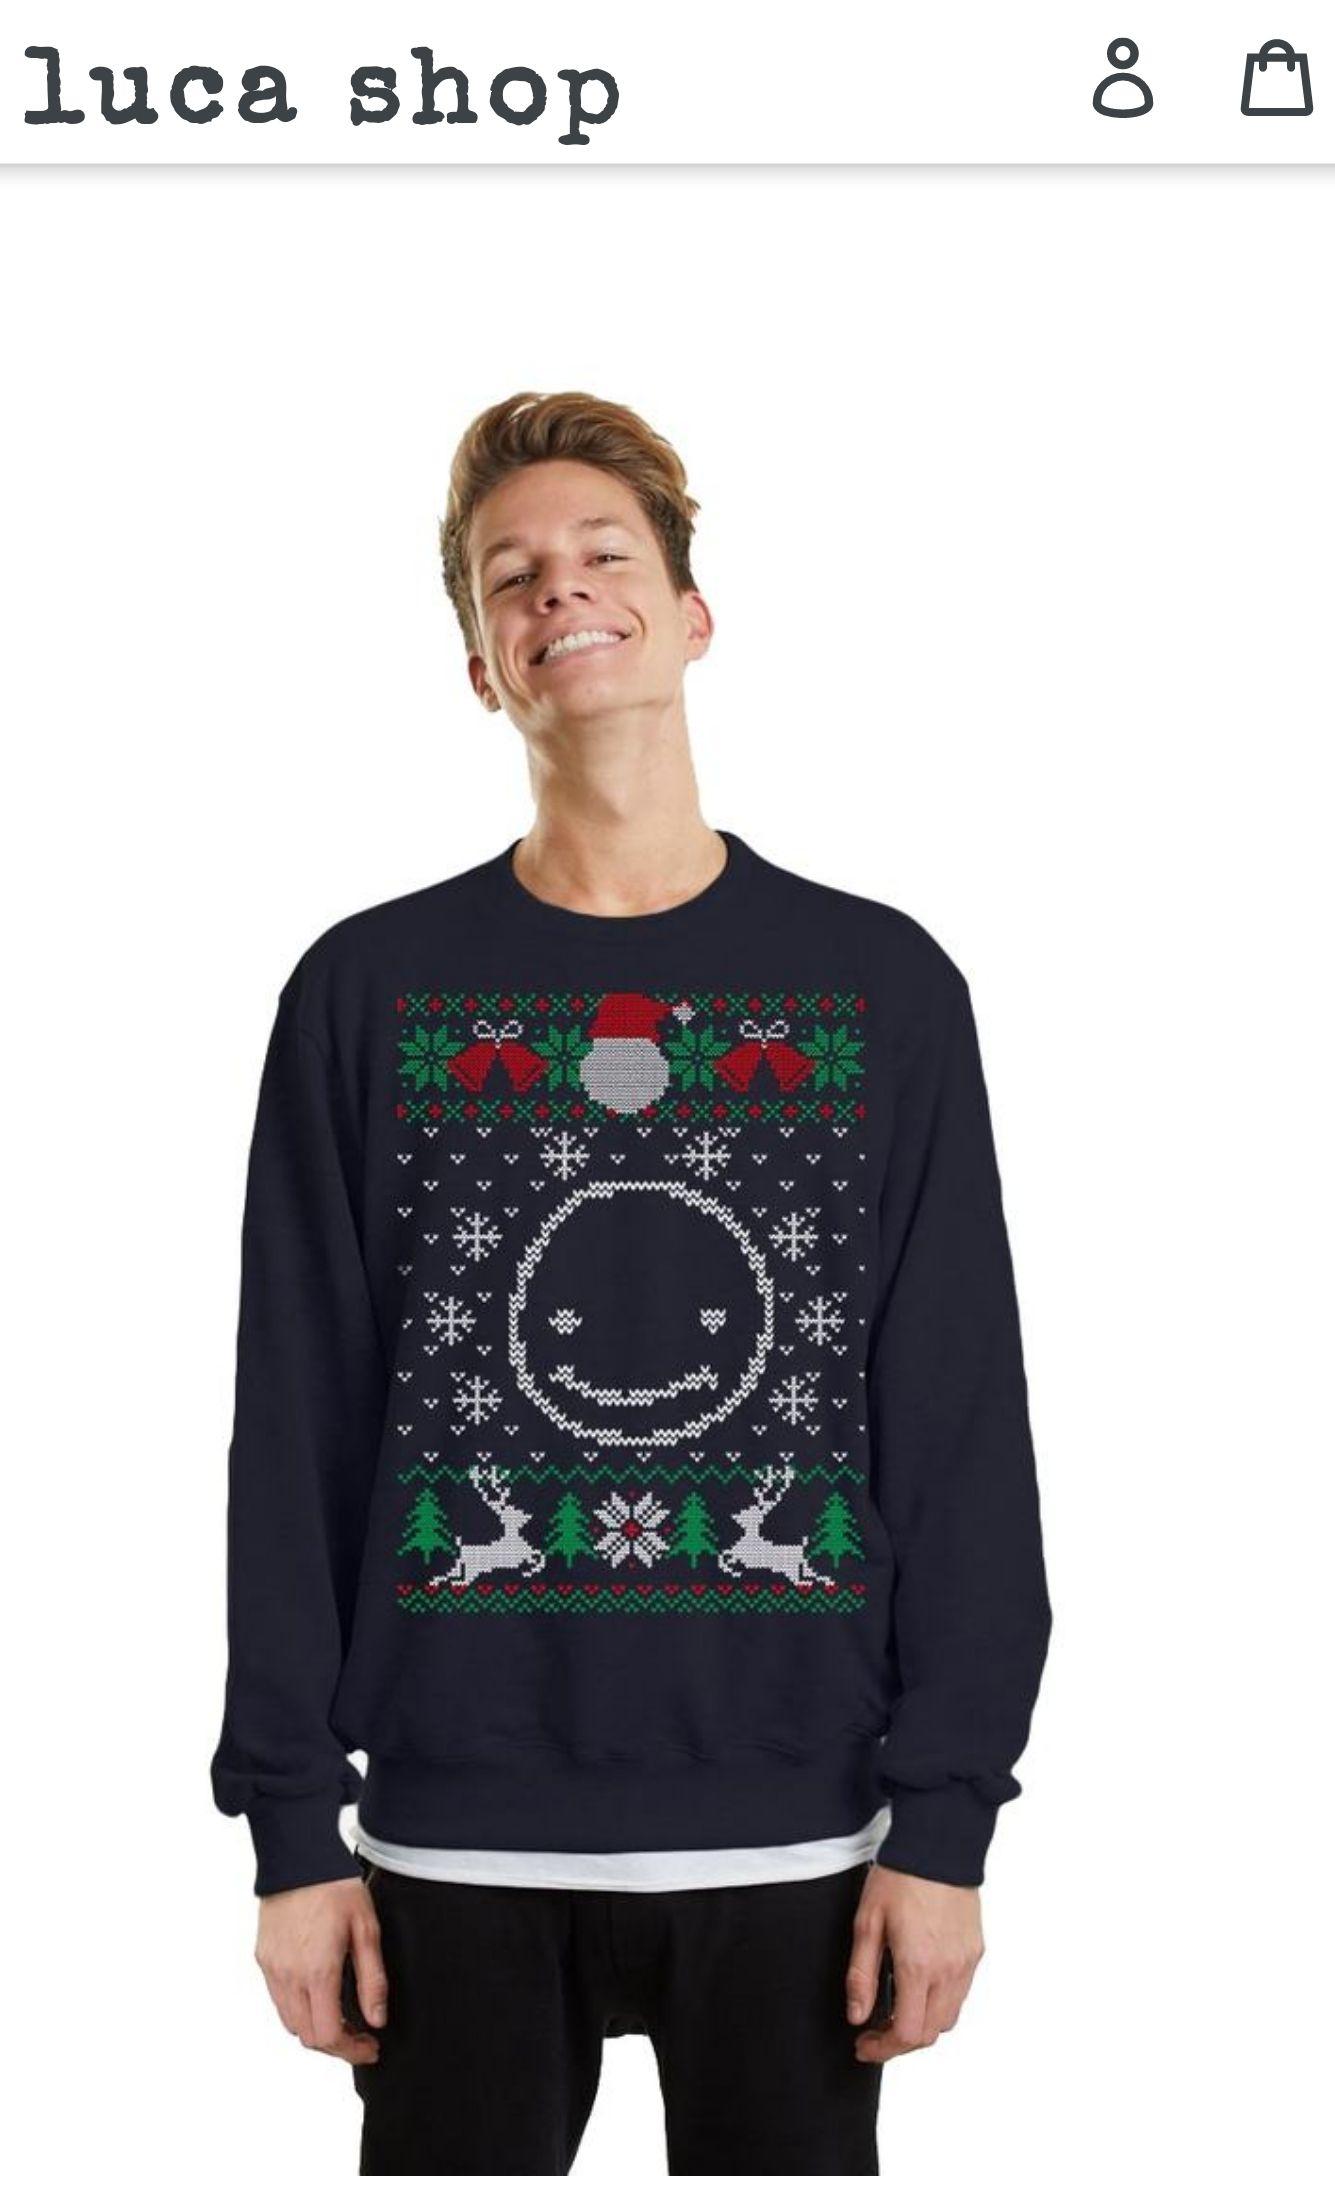 Neuer Smiley Christmas Sweater von Luca reduziert!